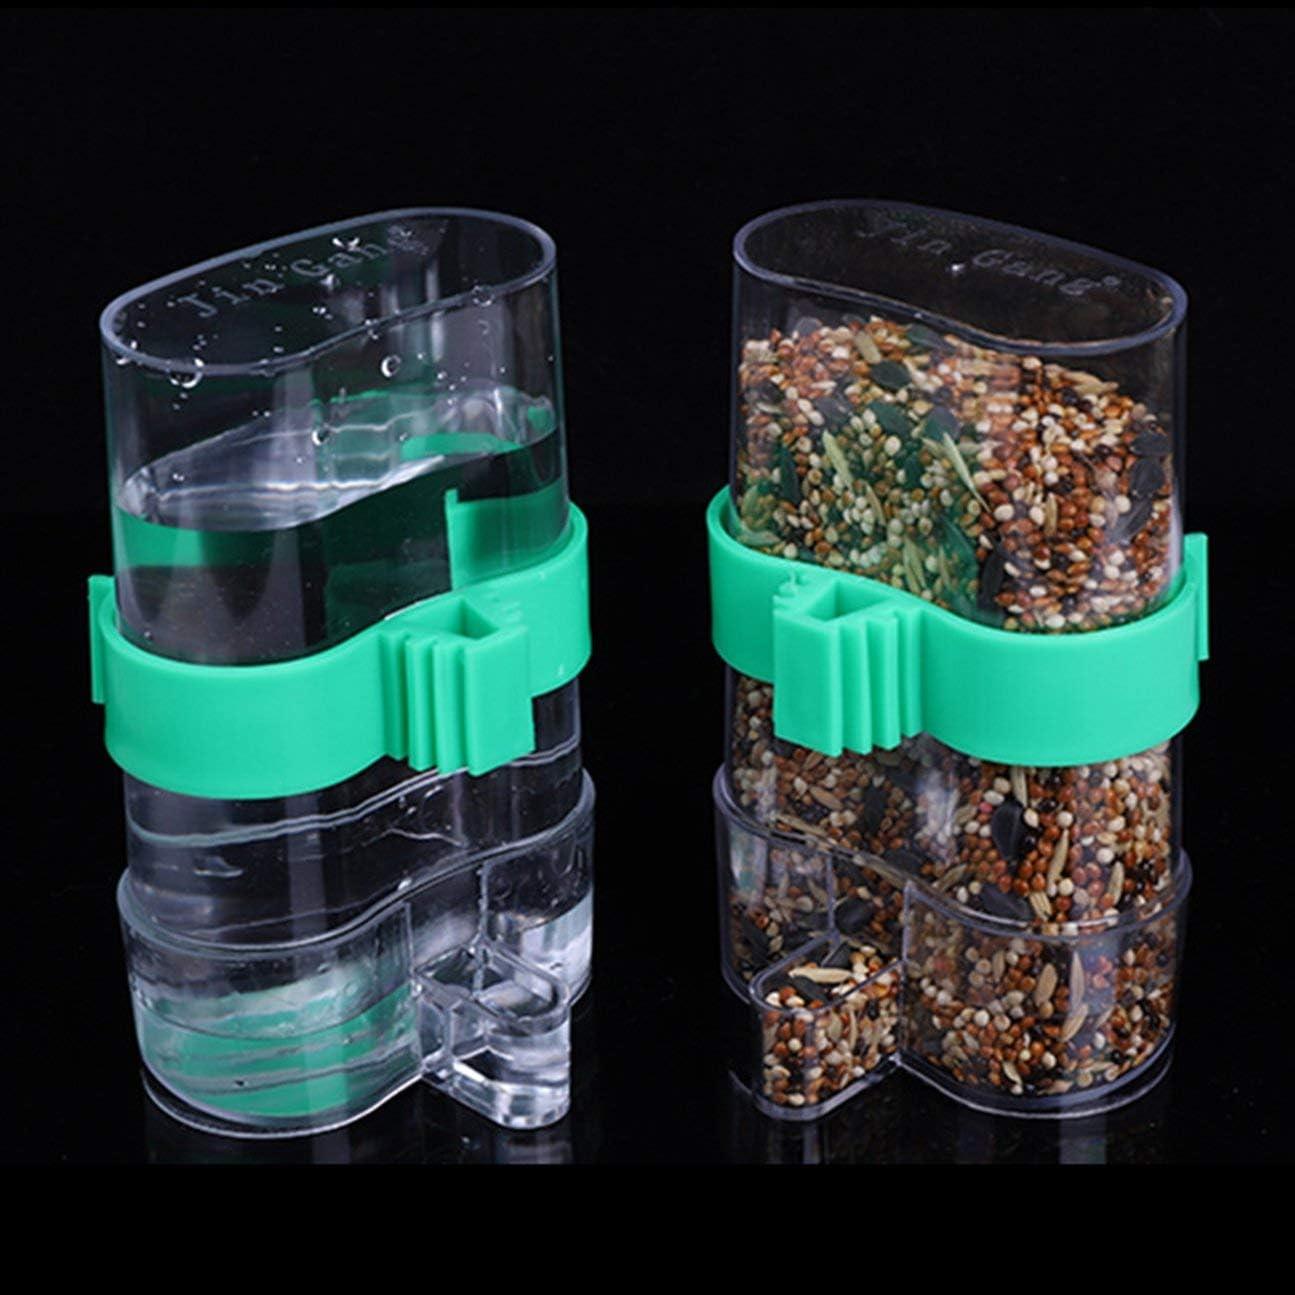 Trampa de Agua automática para pájaros Suministros para jaulas de pájaros Accesorios para jaulas de pájaros Fuente para Beber Utensilios para Loros - Verde y Claro